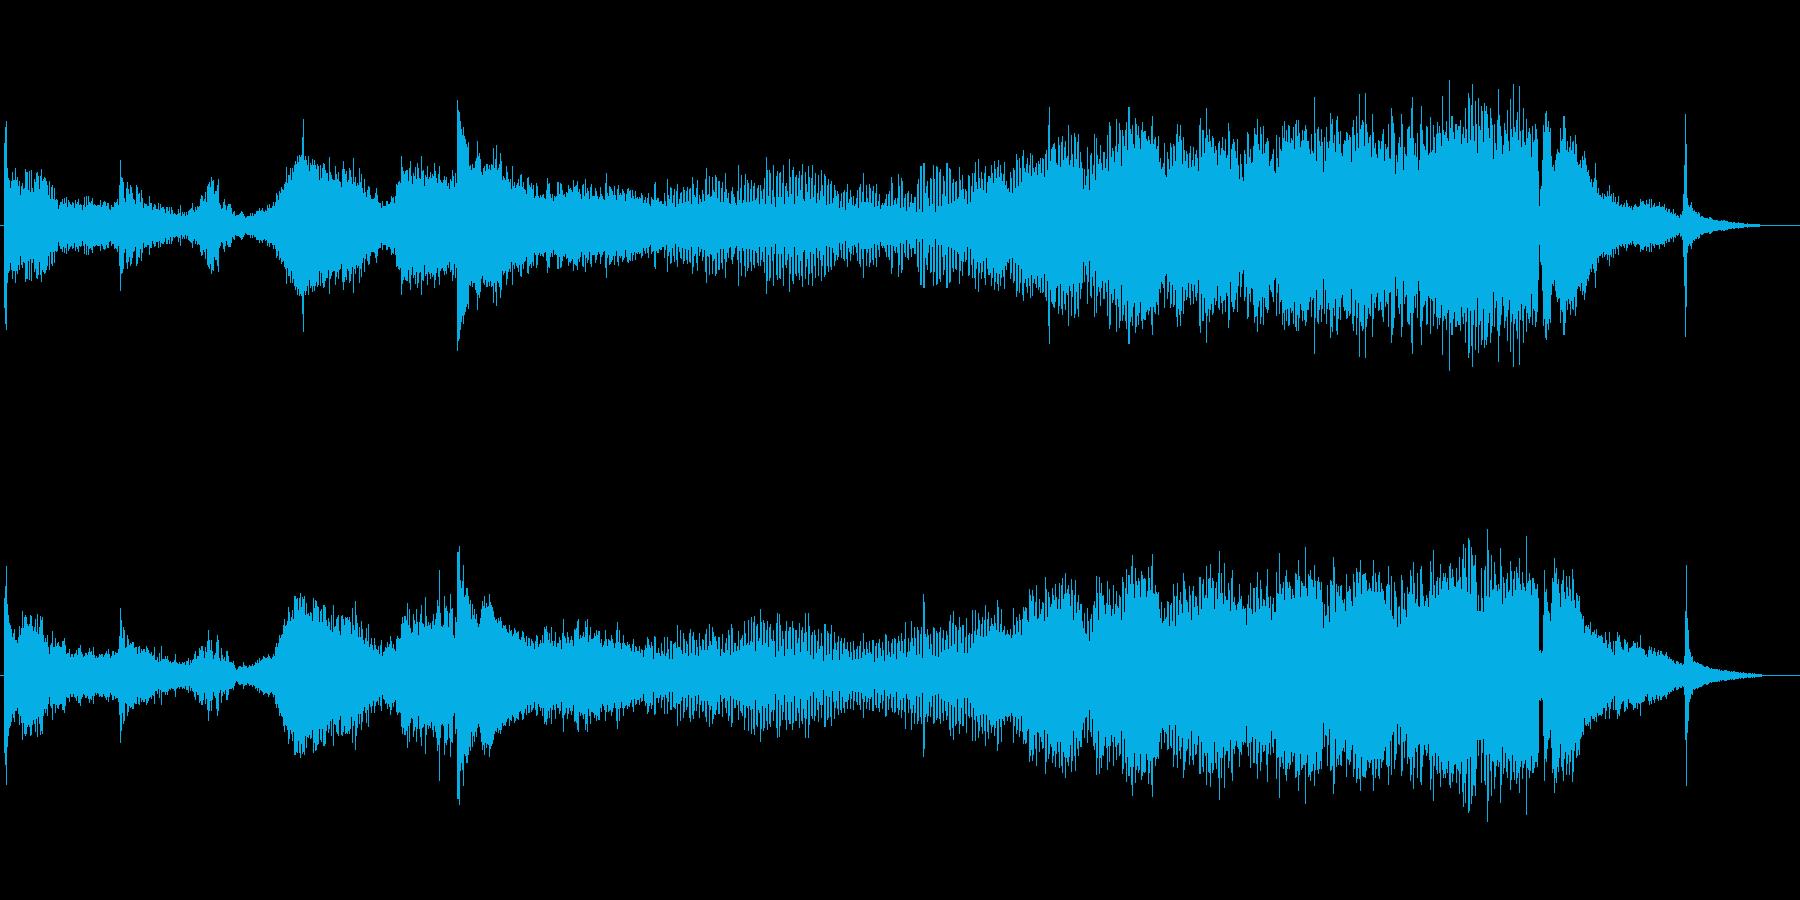 メタリックな海外風アンビエントトレーラーの再生済みの波形